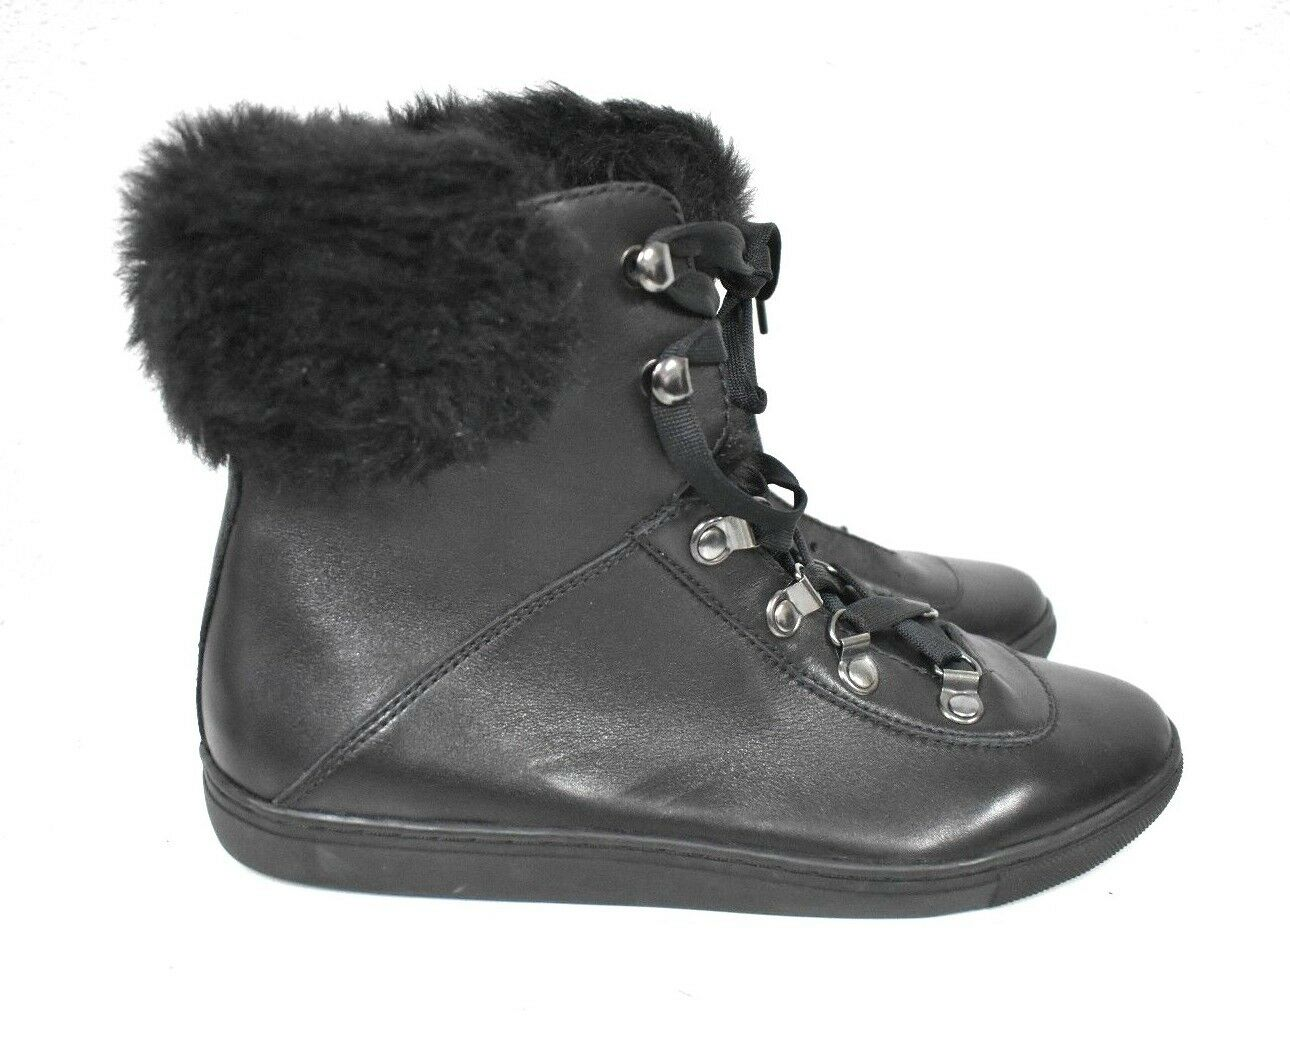 New POUR LA VICTOIRE femmes  NYX' High Top Sneakers POUR LA VICTOIRE Taille 9